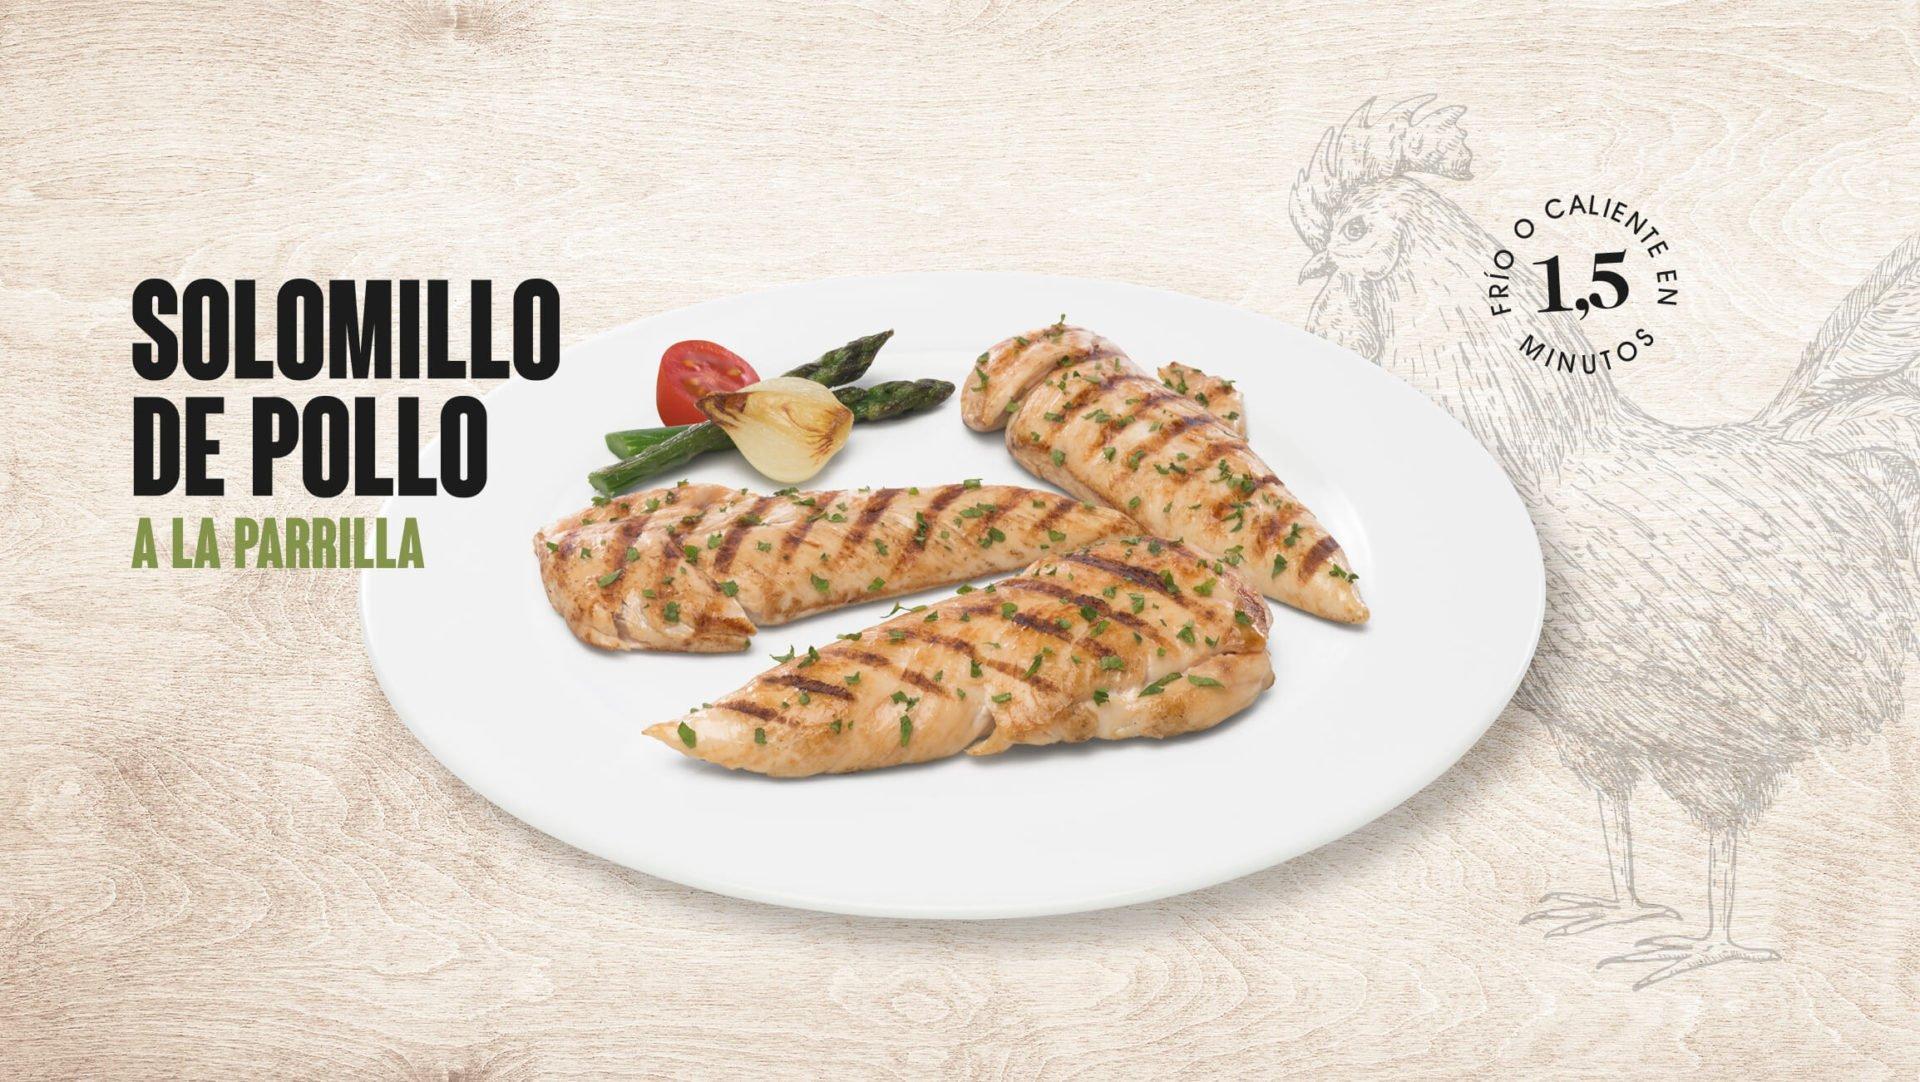 fotografía-solomillo-parrilla-pollo-calatayud-comida-sana-calentar-y-listo